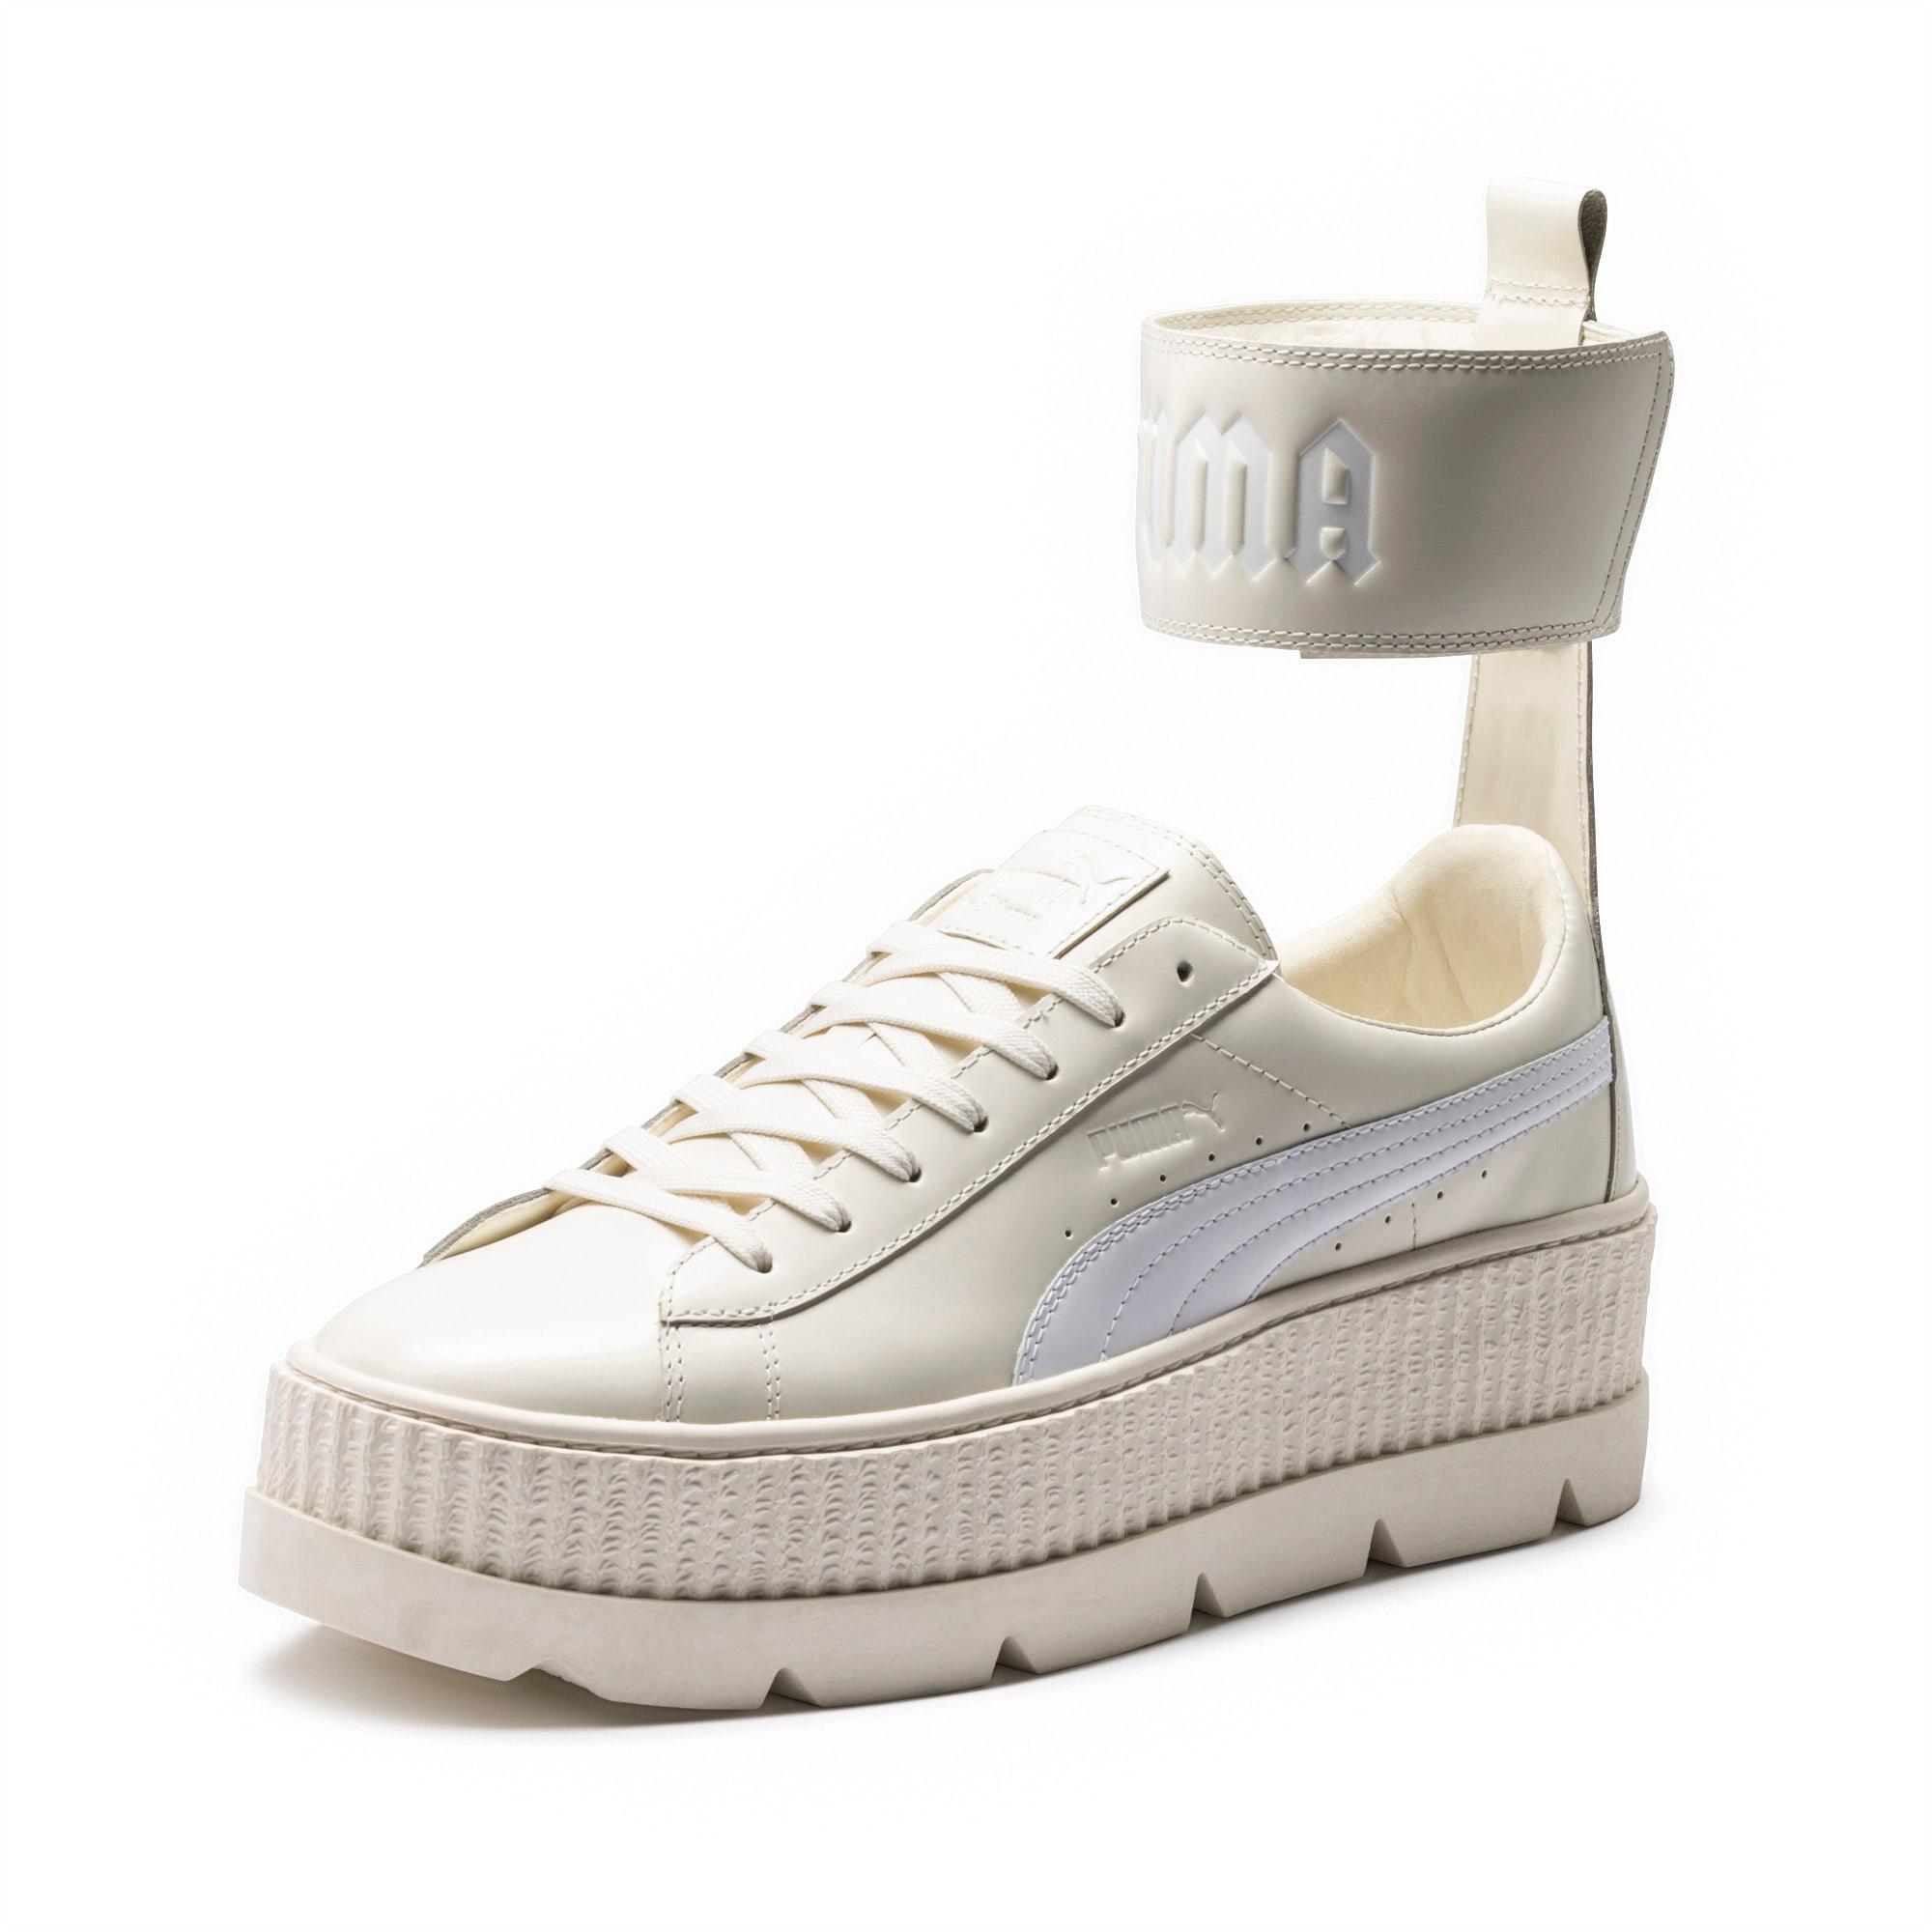 FENTY Men's Ankle Strap Trainer | PUMA Private Sale | PUMA